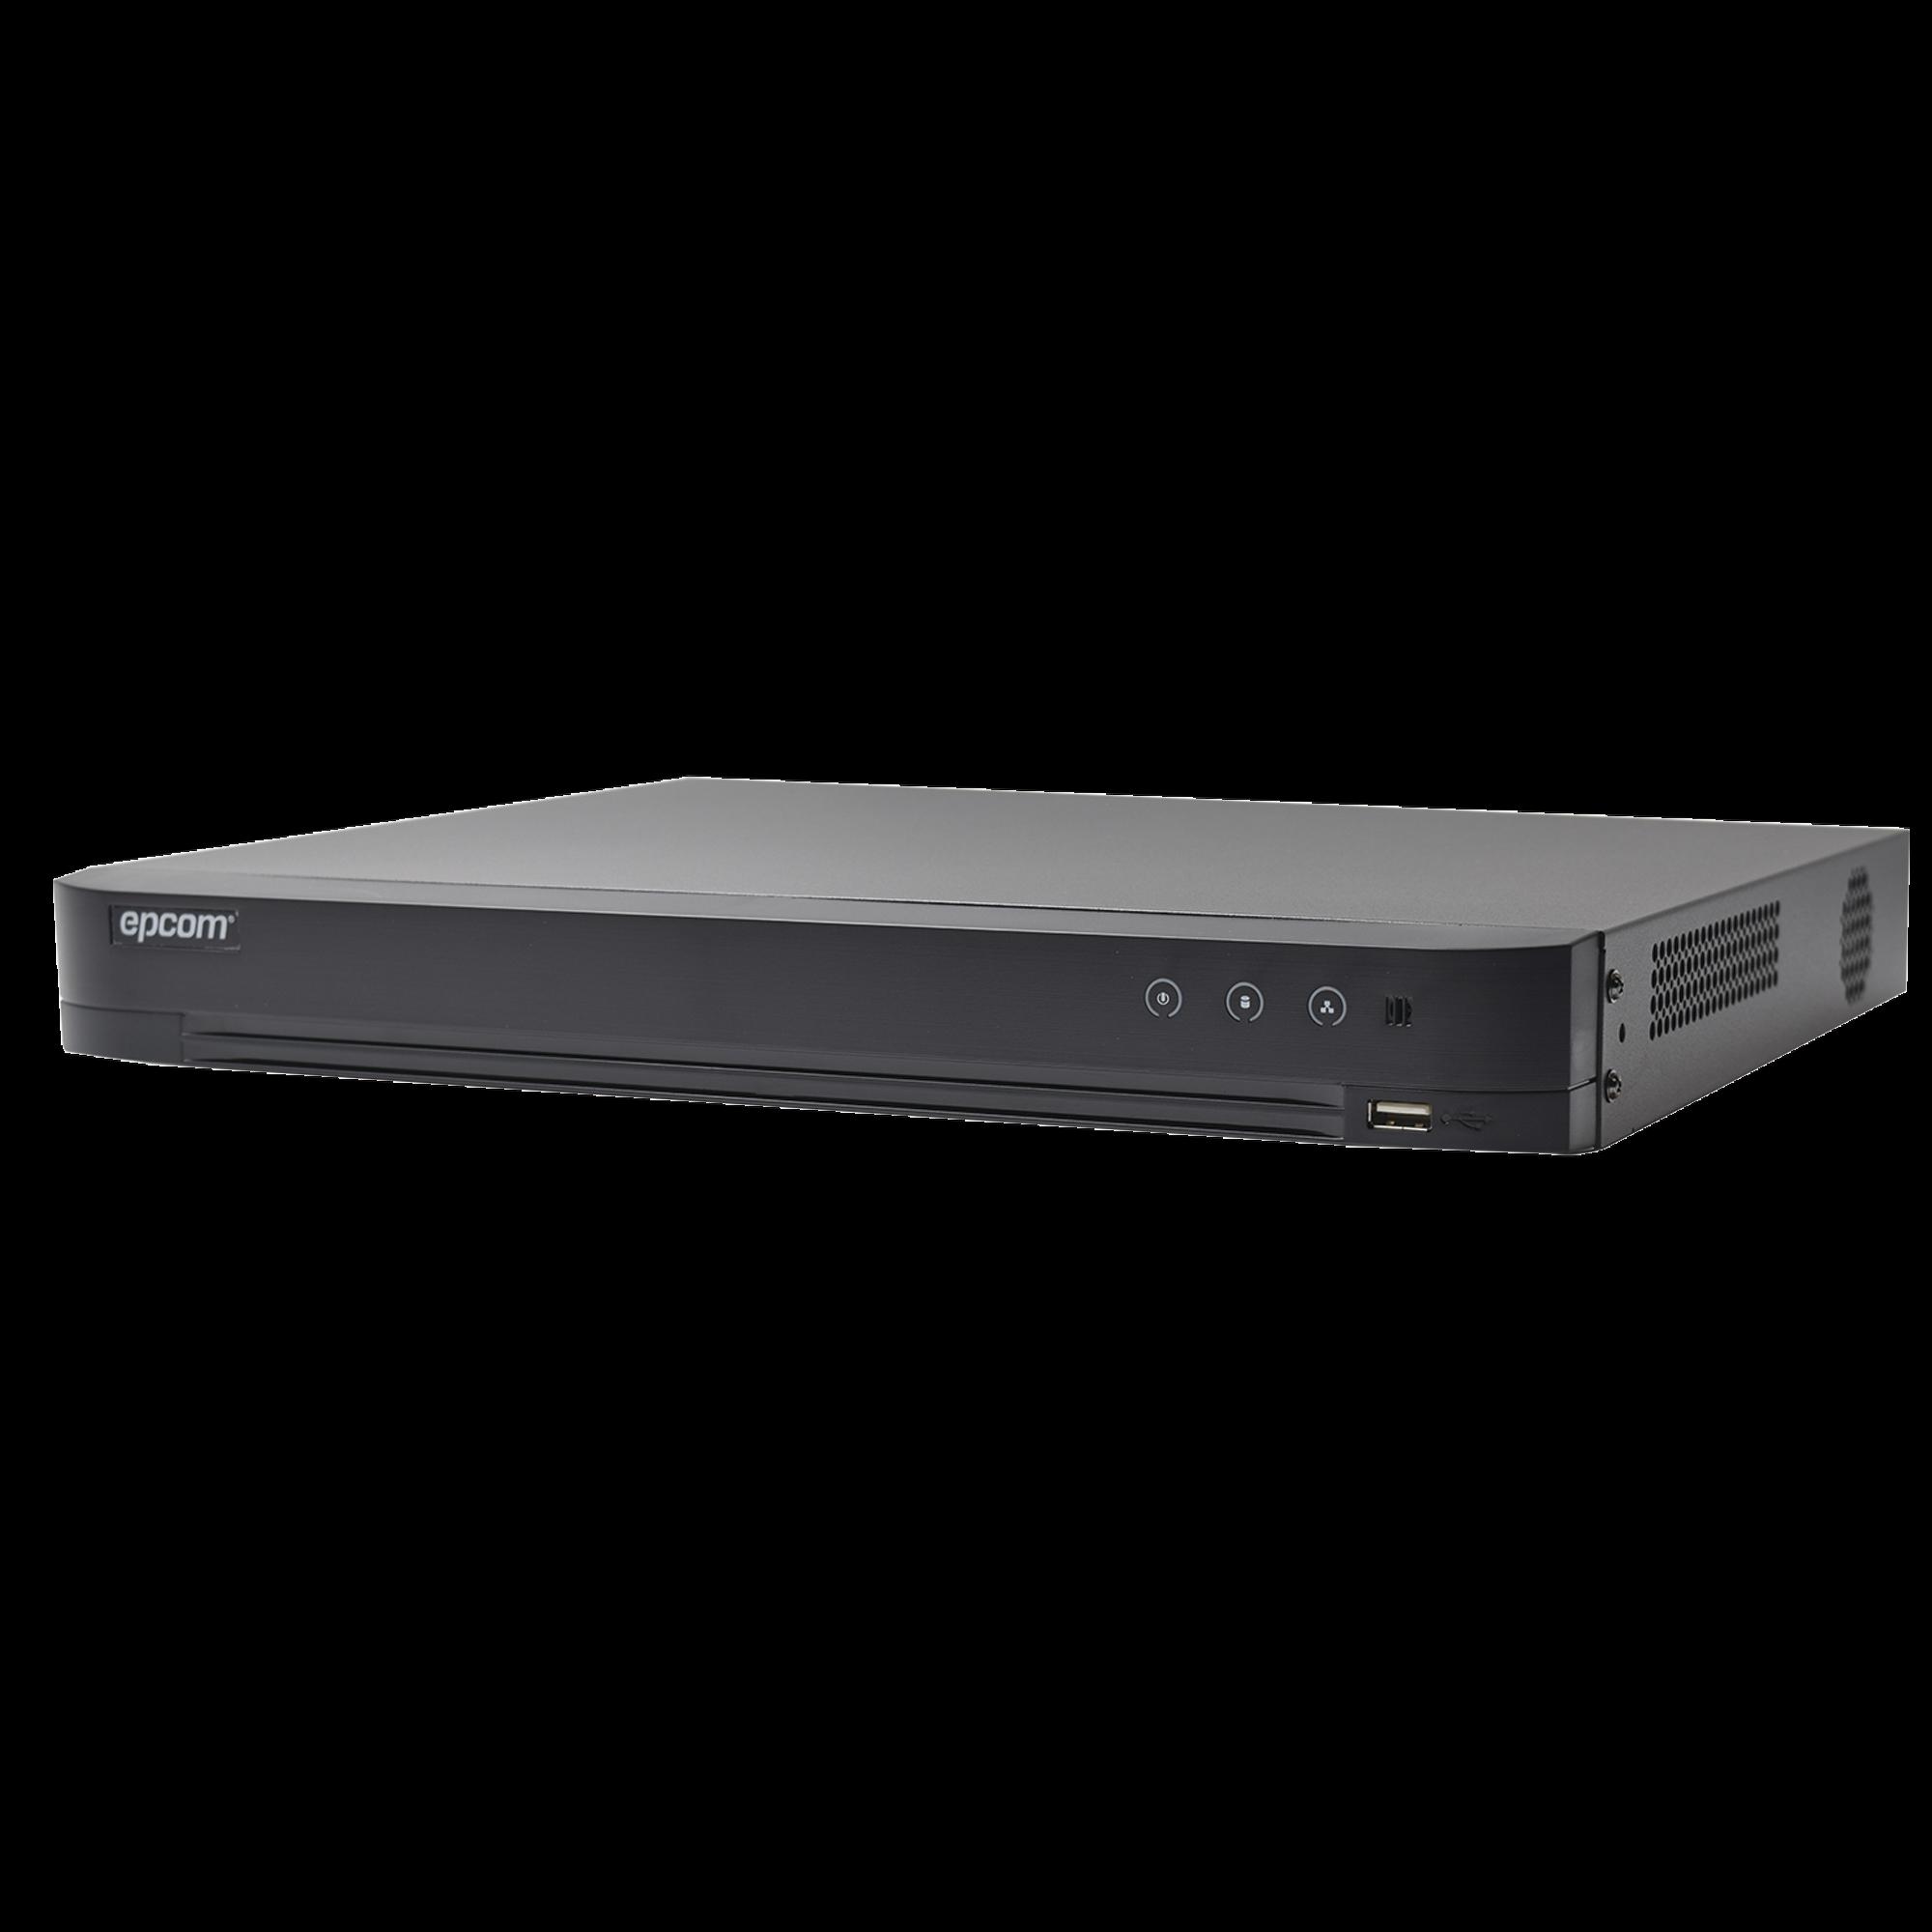 DVR 4 Megapixel / 16 Canales TURBOHD + 8 Canales IP / Detección de Rostros / 1 Bahía de Disco Duro / 16 Canales de Audio